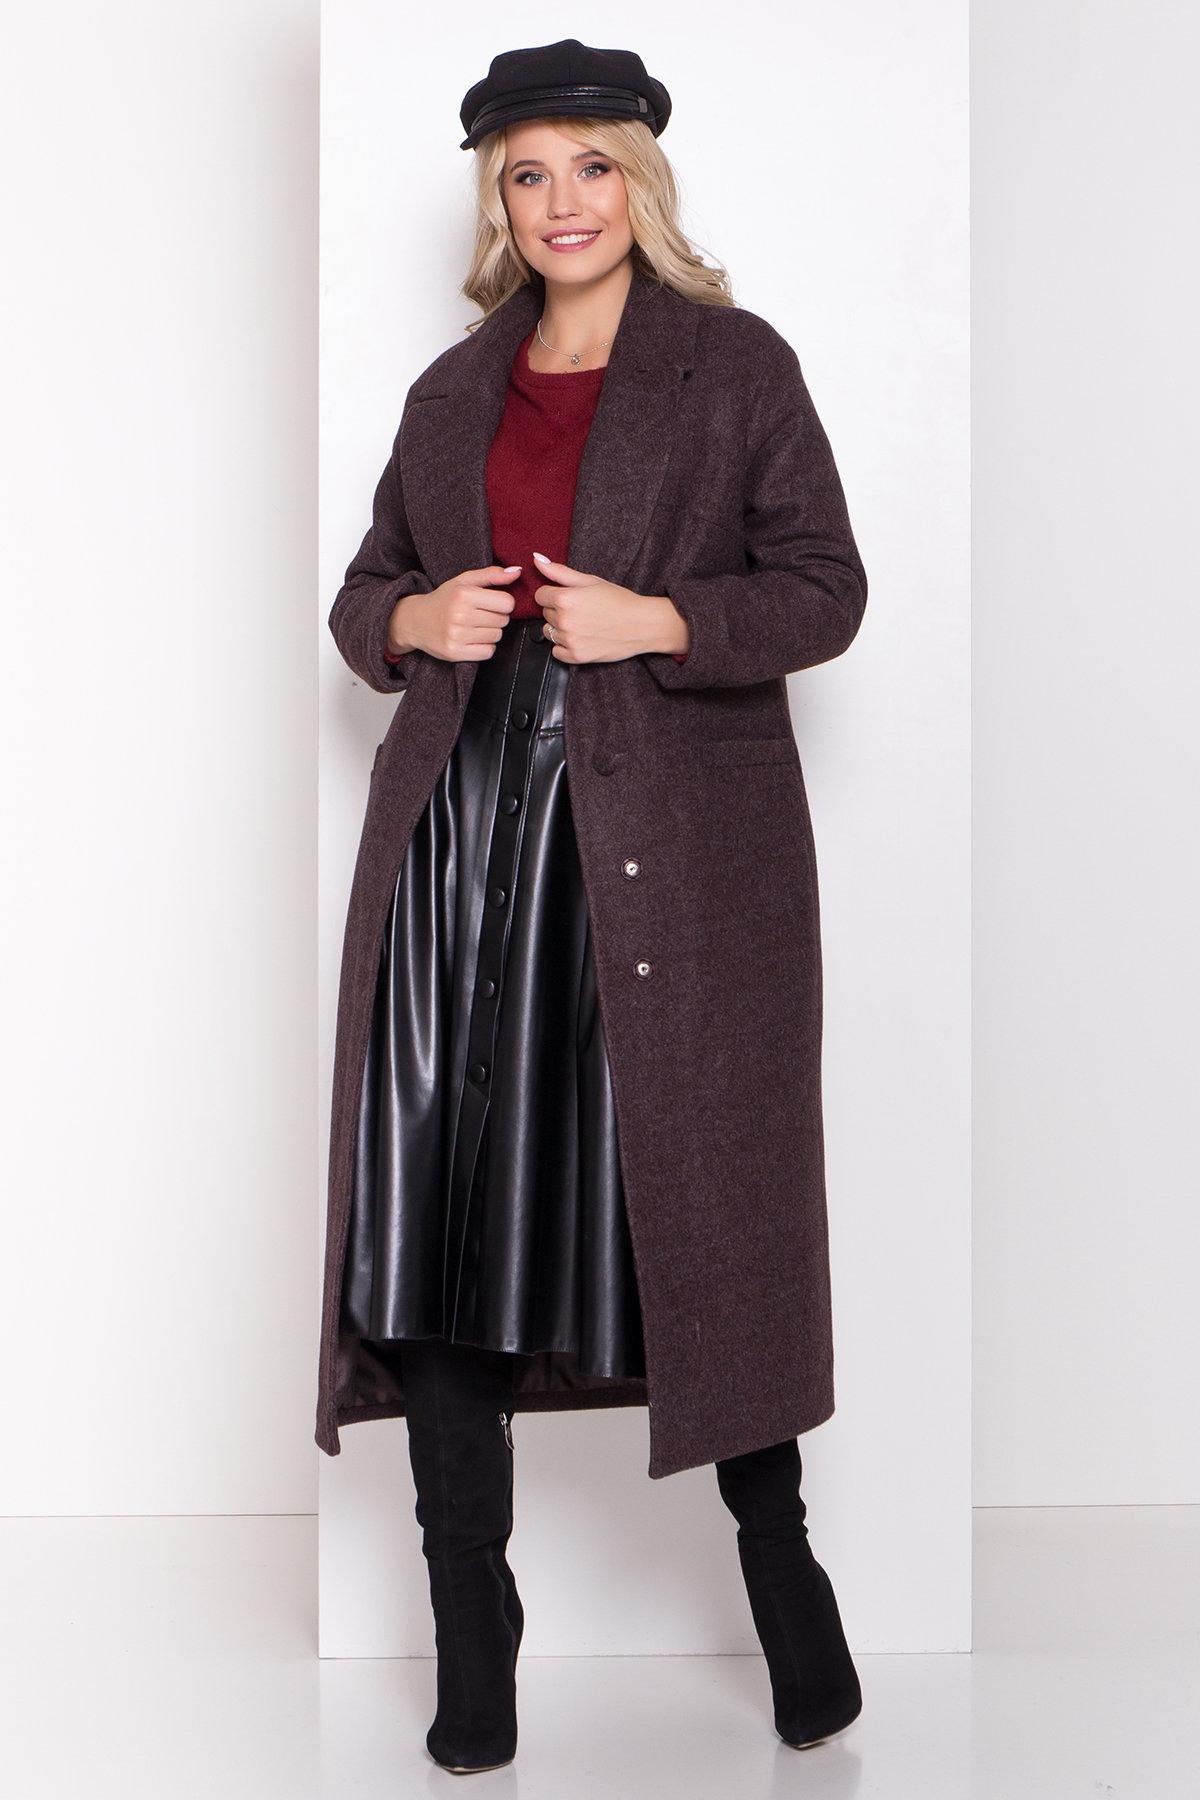 Длинное пальто зима Вива макси 8341 АРТ. 44495 Цвет: Шоколад 7 - фото 7, интернет магазин tm-modus.ru